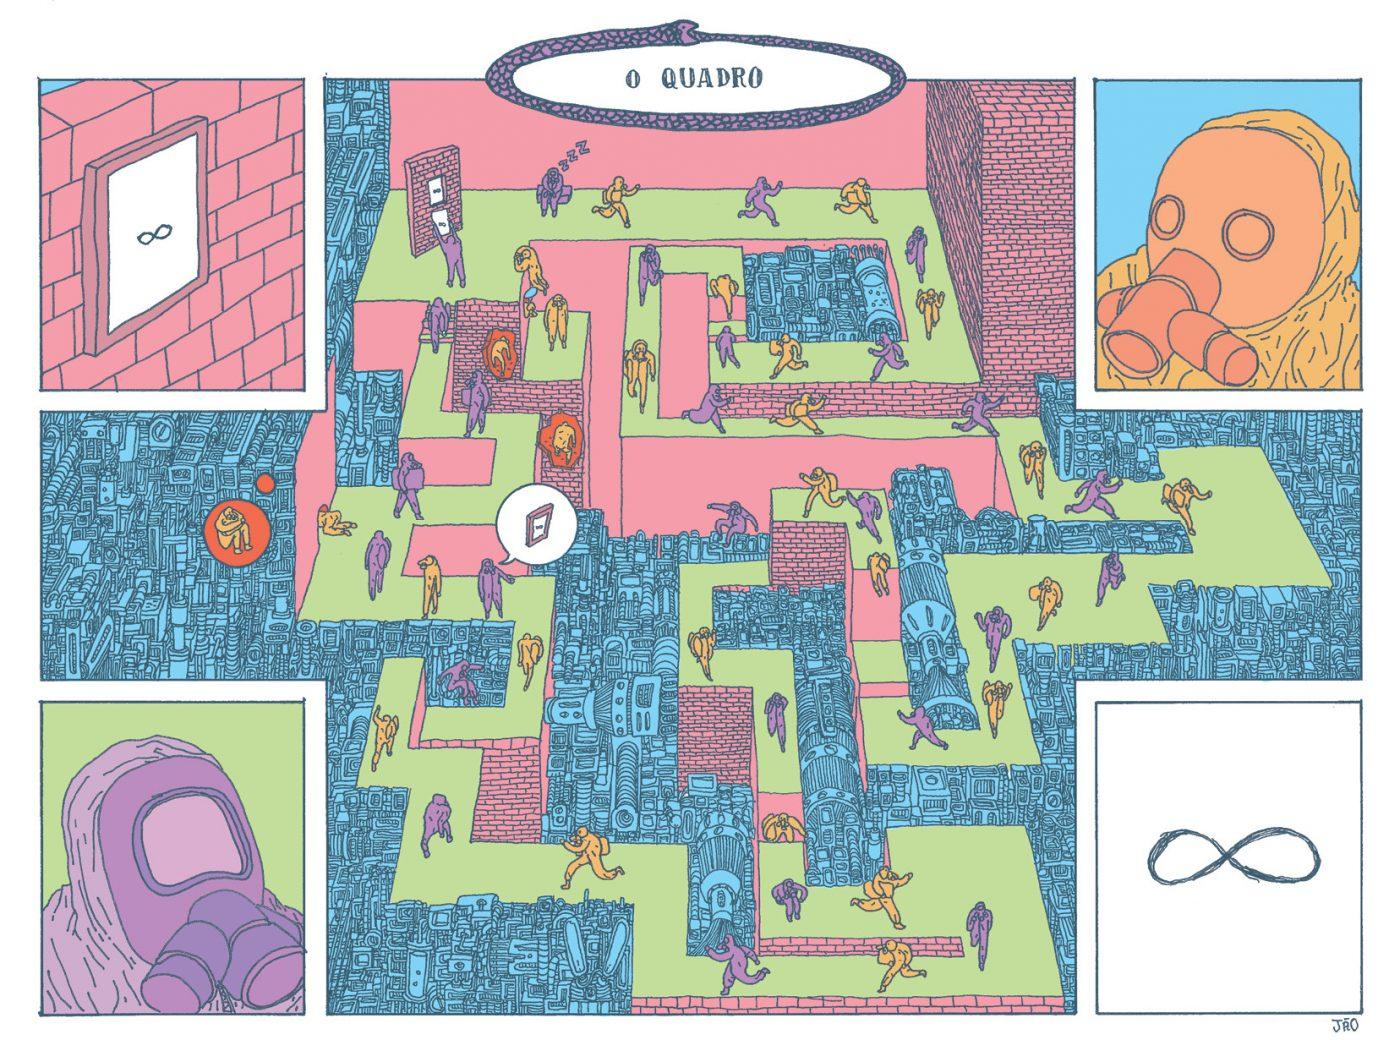 Série Postal: as HQs produzida por Jão e Mariana Paraizo para os dois últimos números da coleção